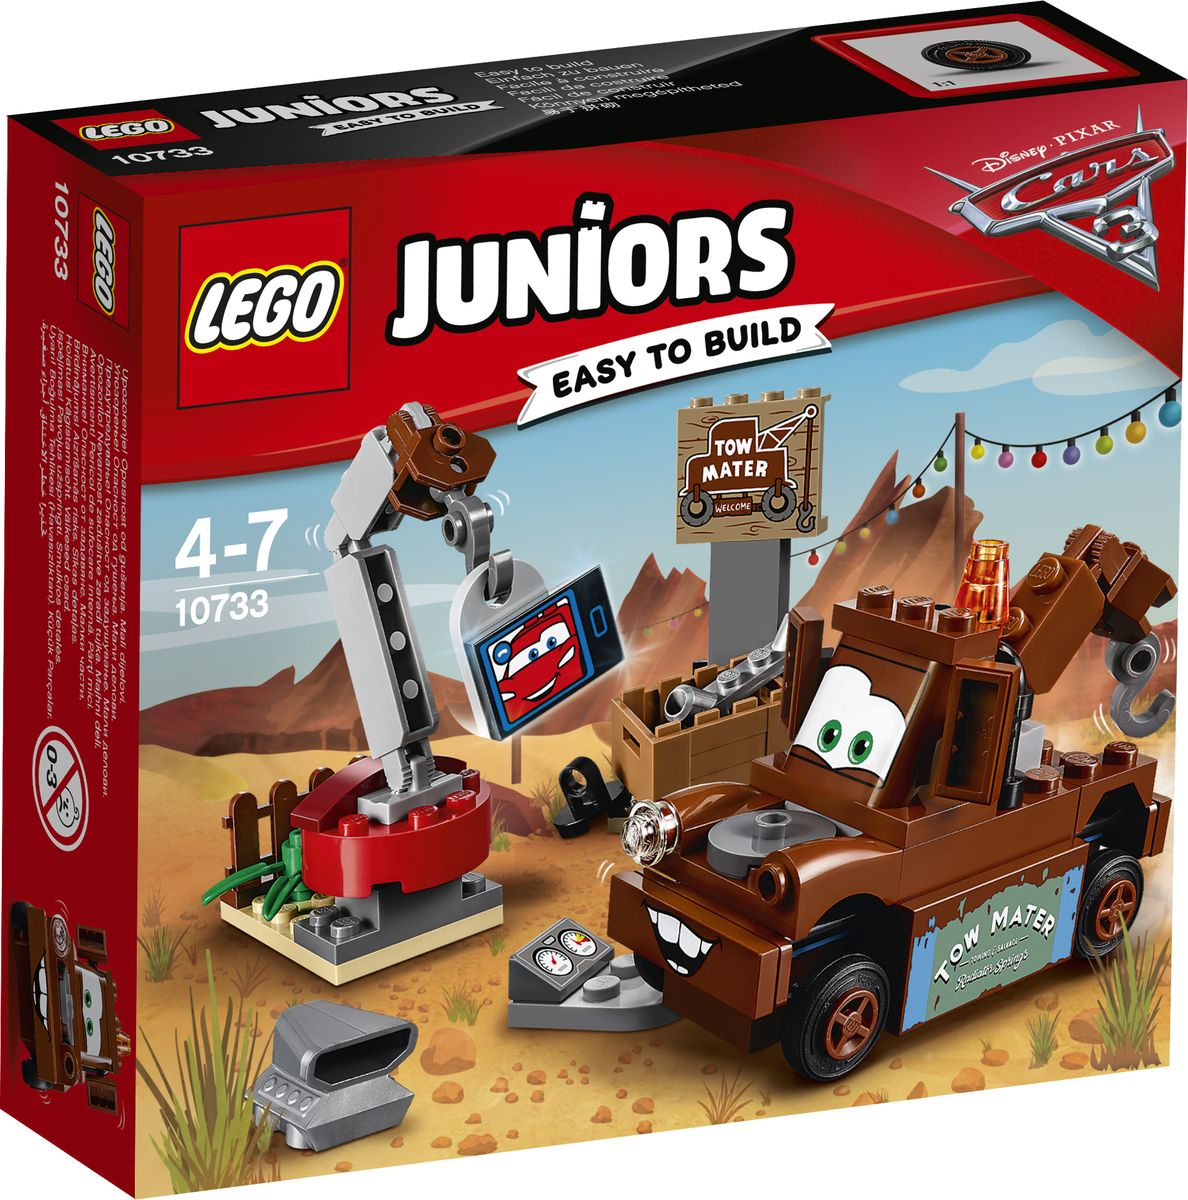 LEGO Juniors Конструктор Свалка Мэтра 10733 lego juniors конструктор финальная гонка флорида 500 10745